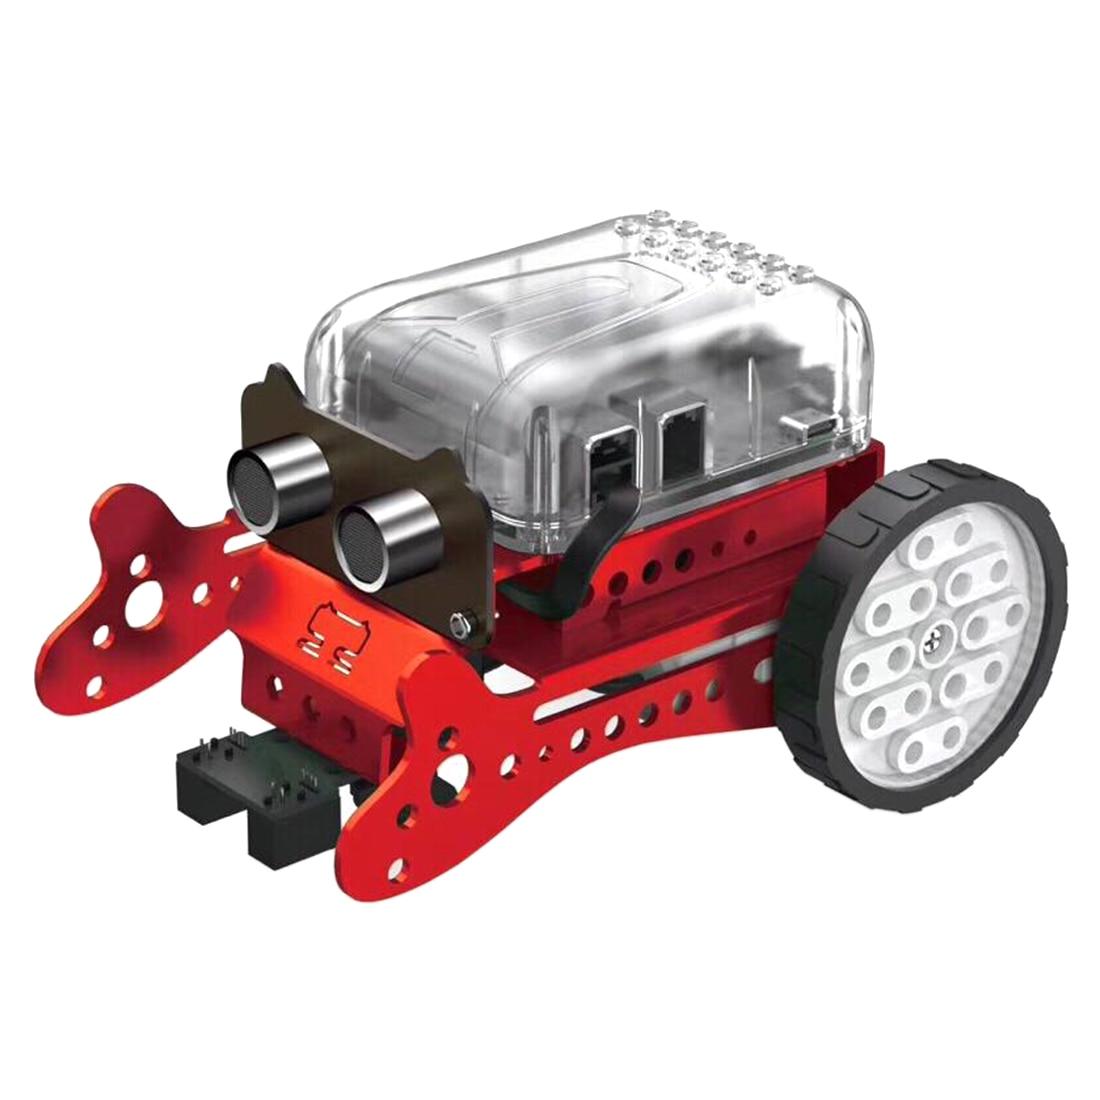 Surwish DIY Neo Программирование царапин Интеллектуальный избегание препятствий автомобиля Робот комплект-красный/зеленый - Цвет: red